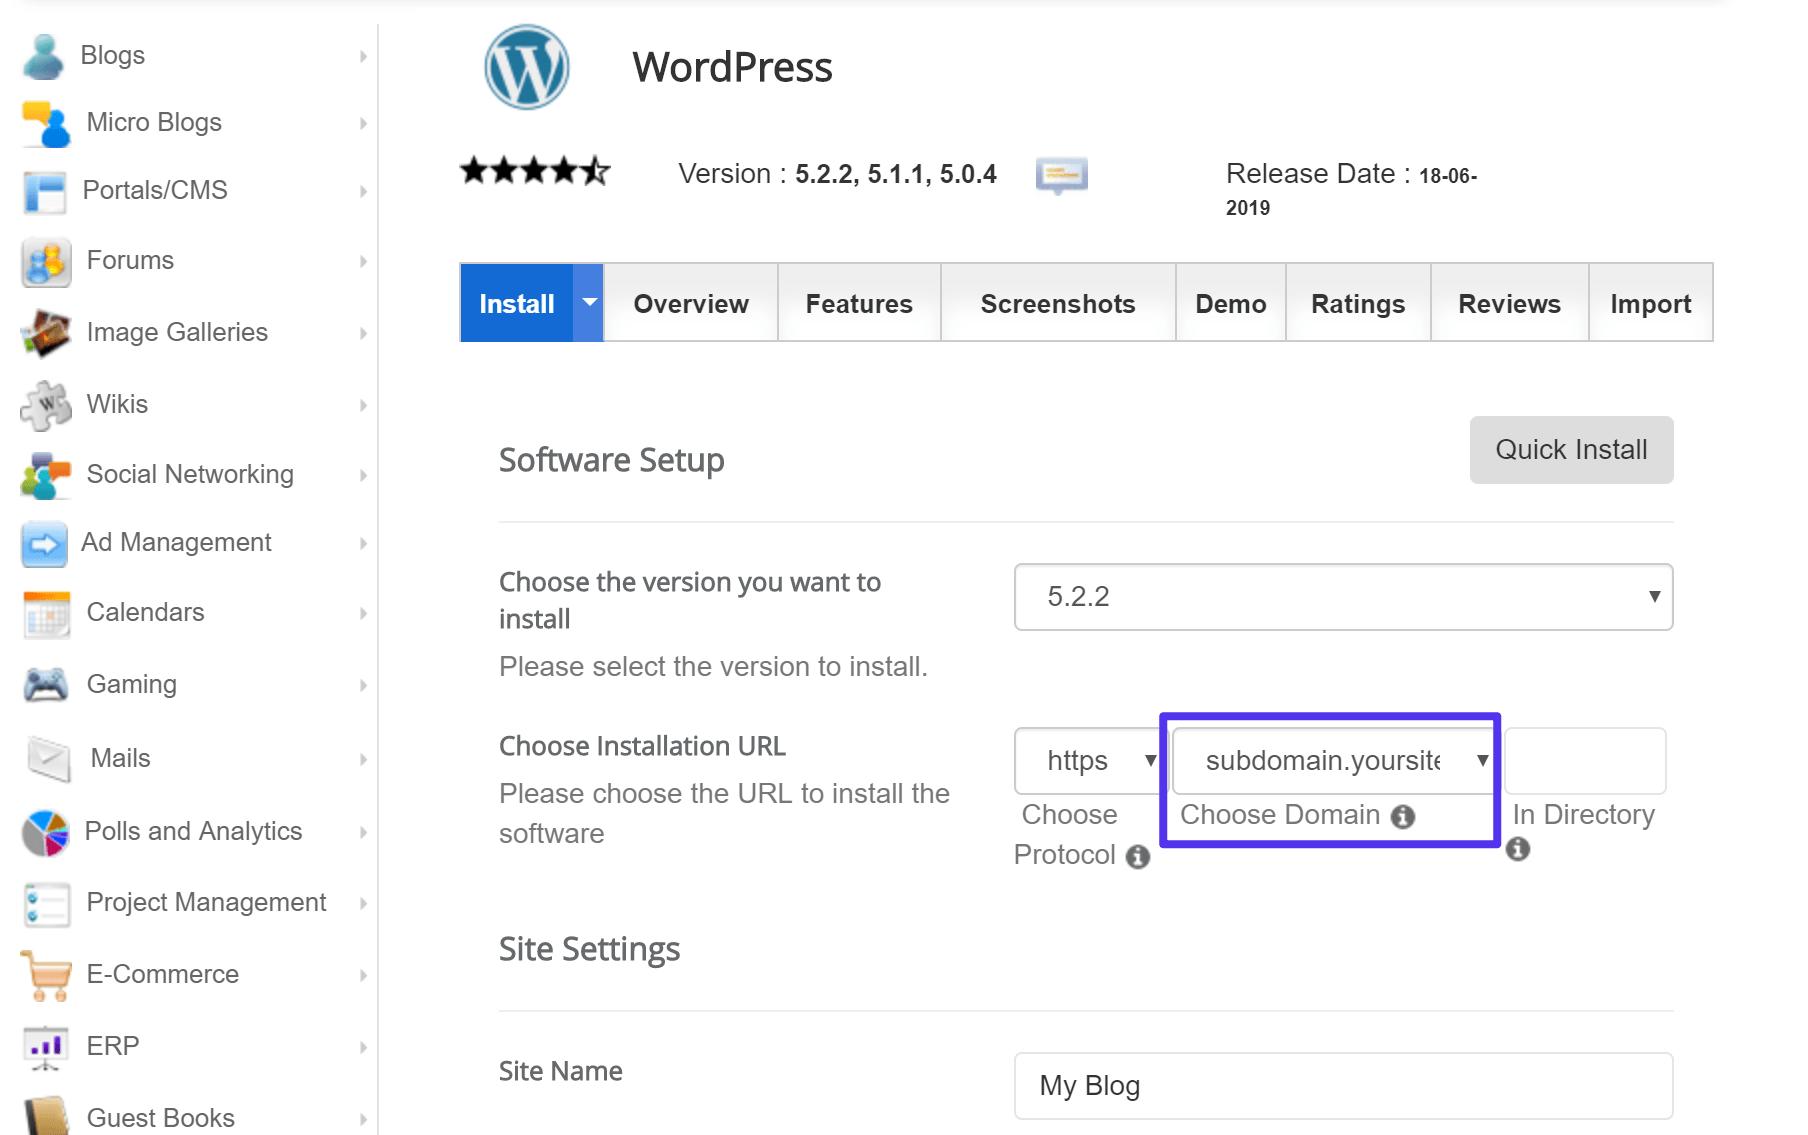 自動インストーラーを使用してサブドメインにWordPressをインストールする方法